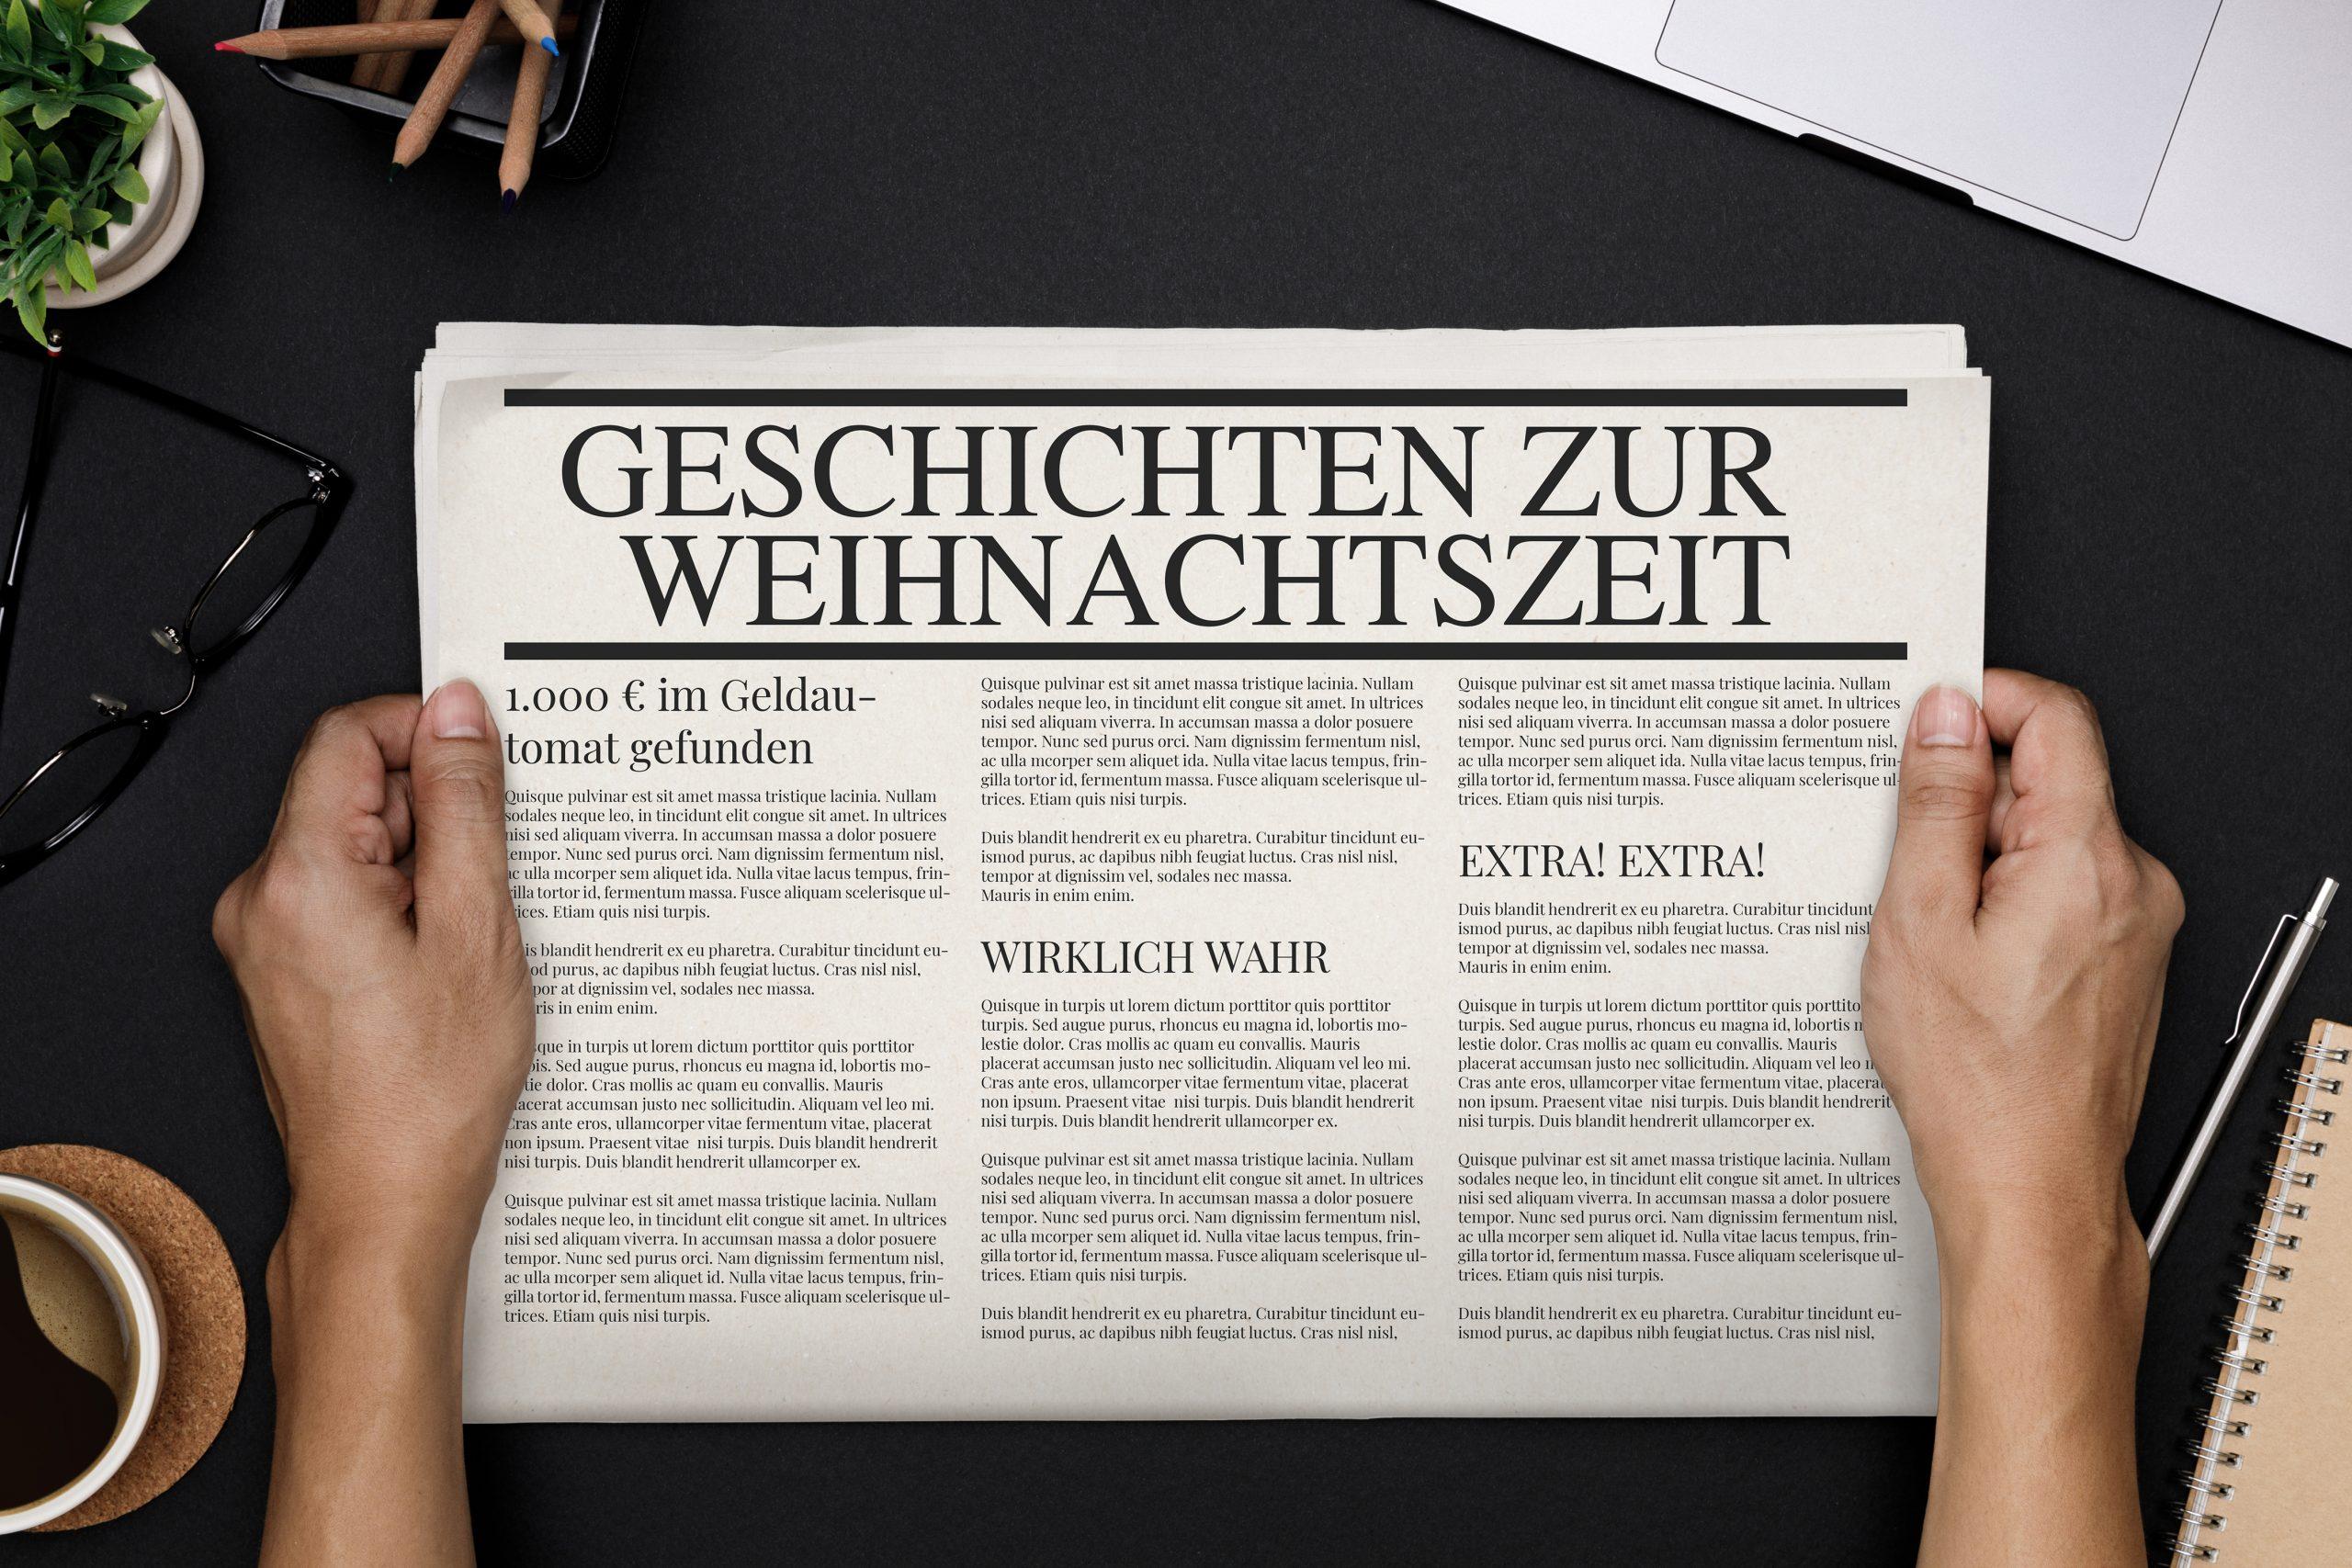 Lügt die Tagespresse? Hat die Lausitzer Rundschau hier gelogen und eine Geschichte erfunden oder hat der Finder vielleicht gelogen? Geldautomat zieht in Wahrheit aber Geldbeträge ein und somit ist das Finden von Geld im Automat so nicht möglich.